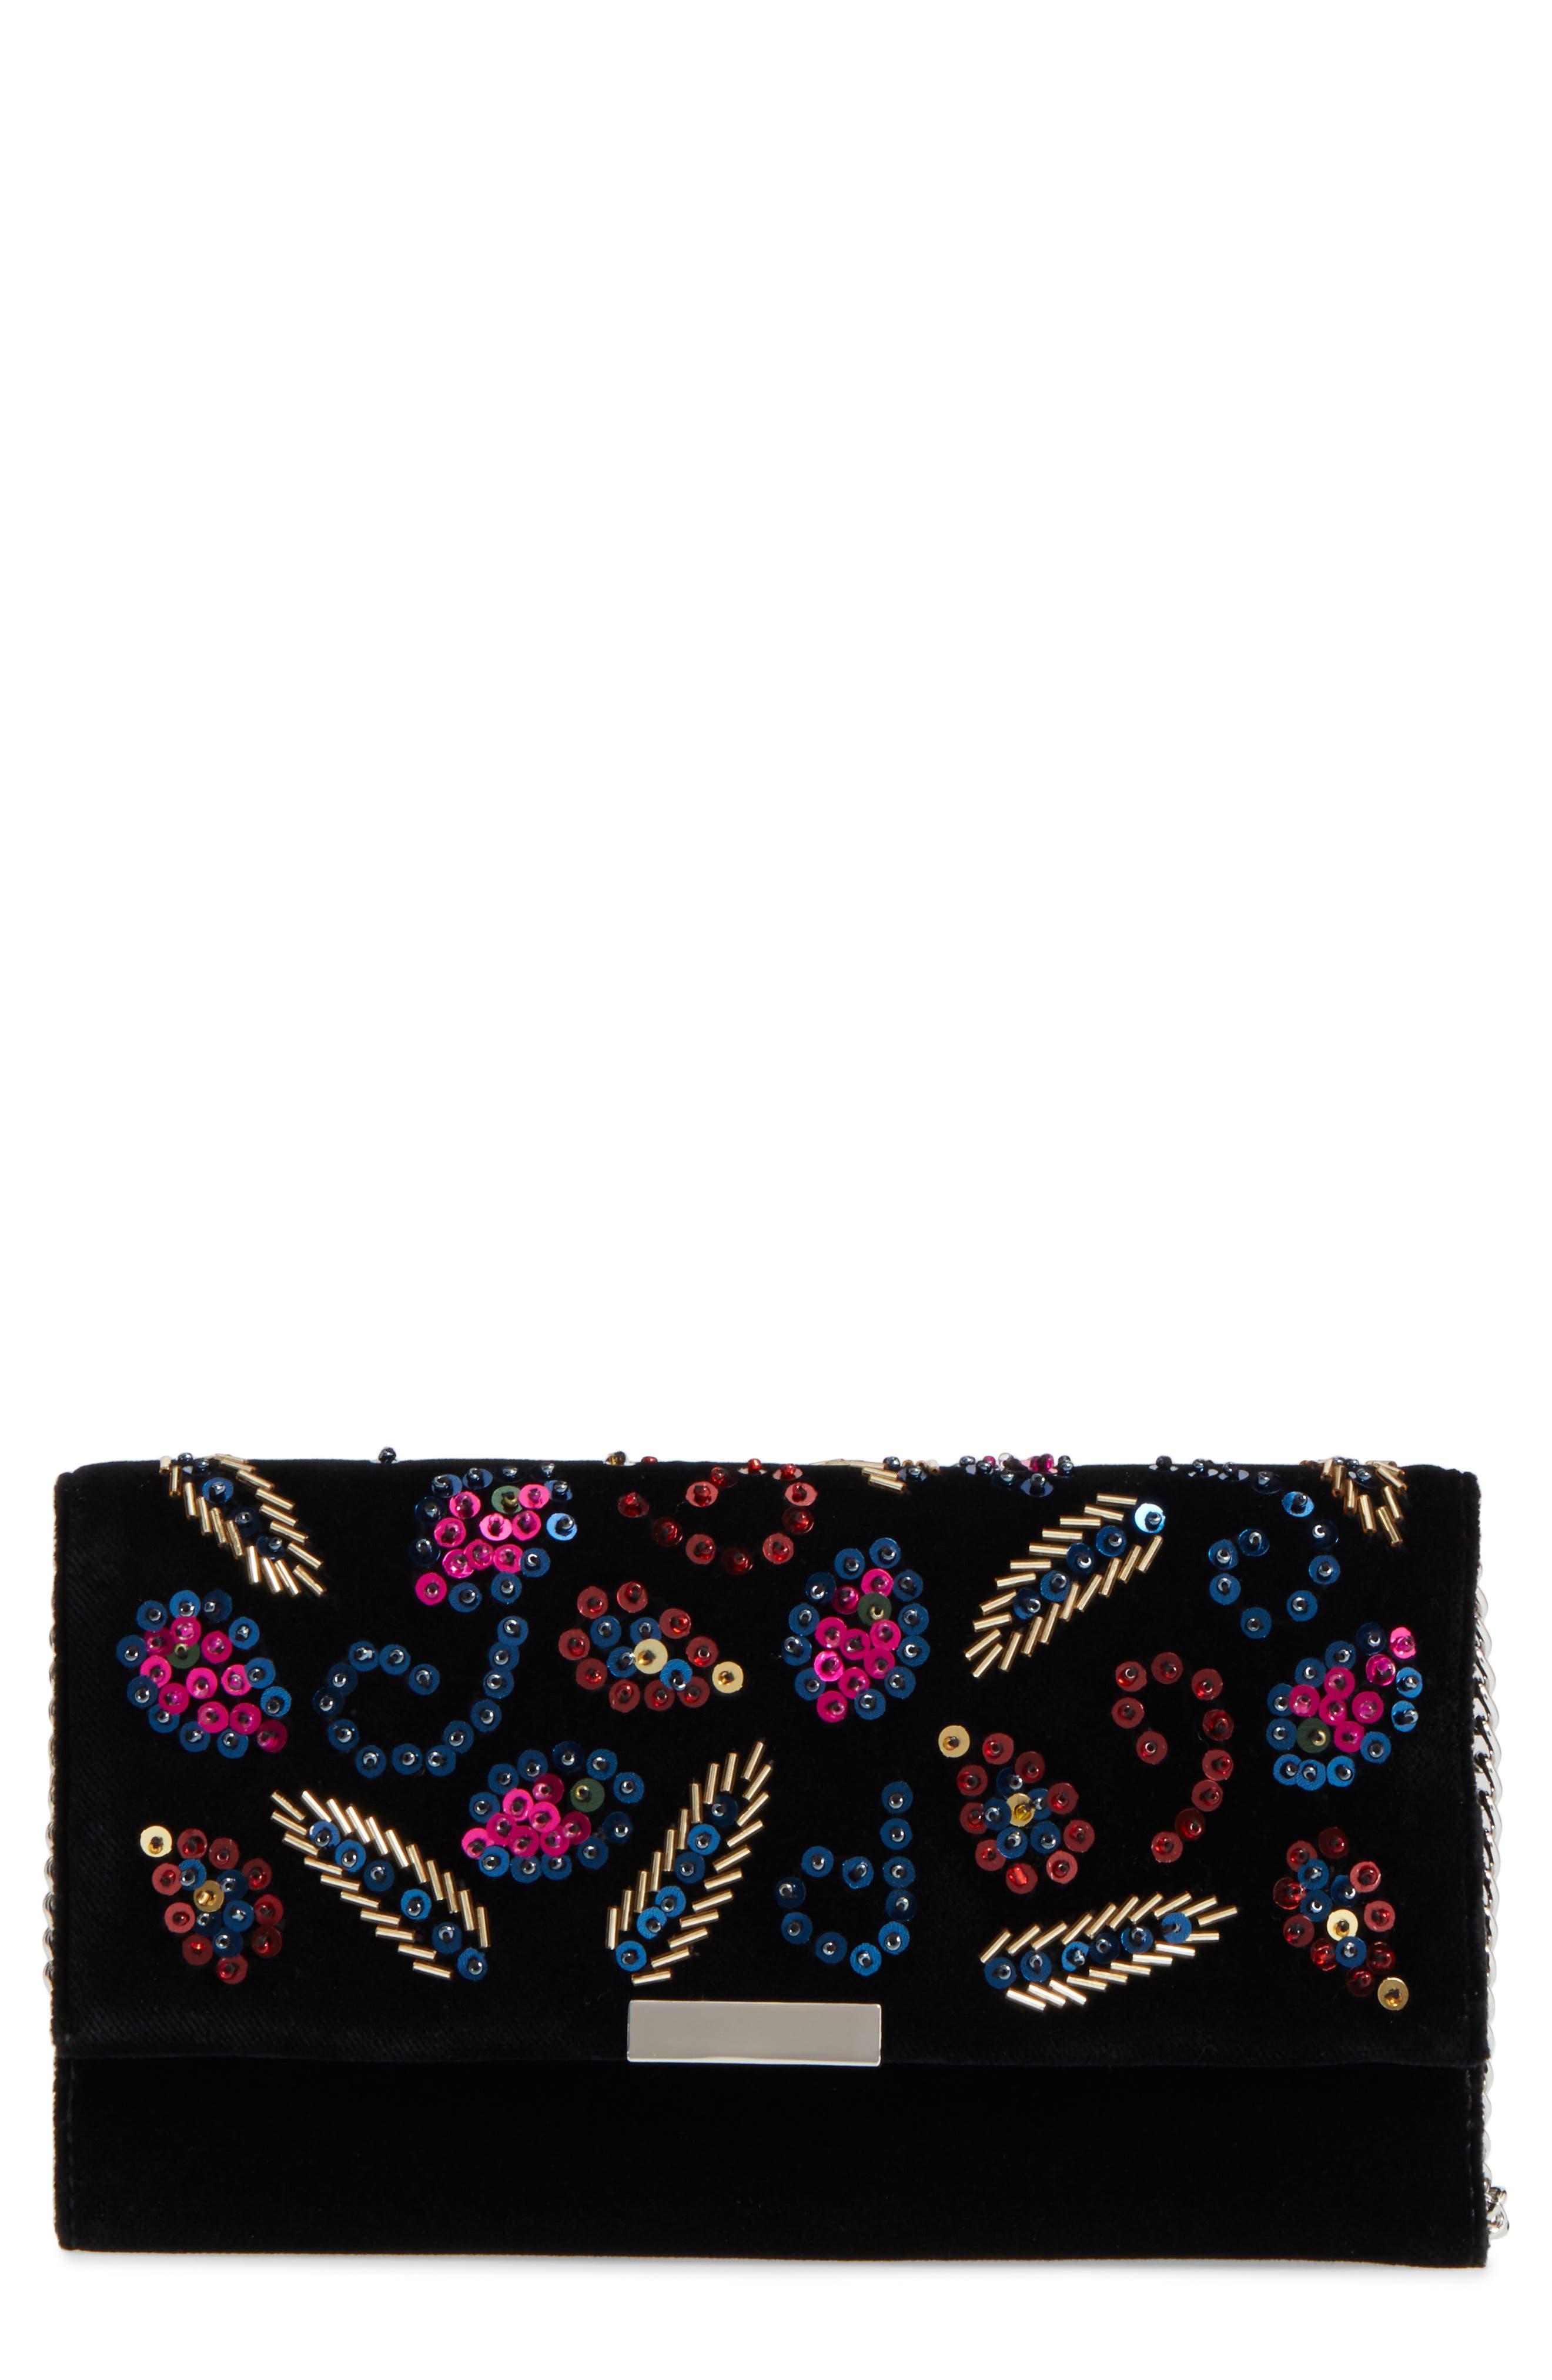 Loeffler Randall Sequin Velvet Clutch